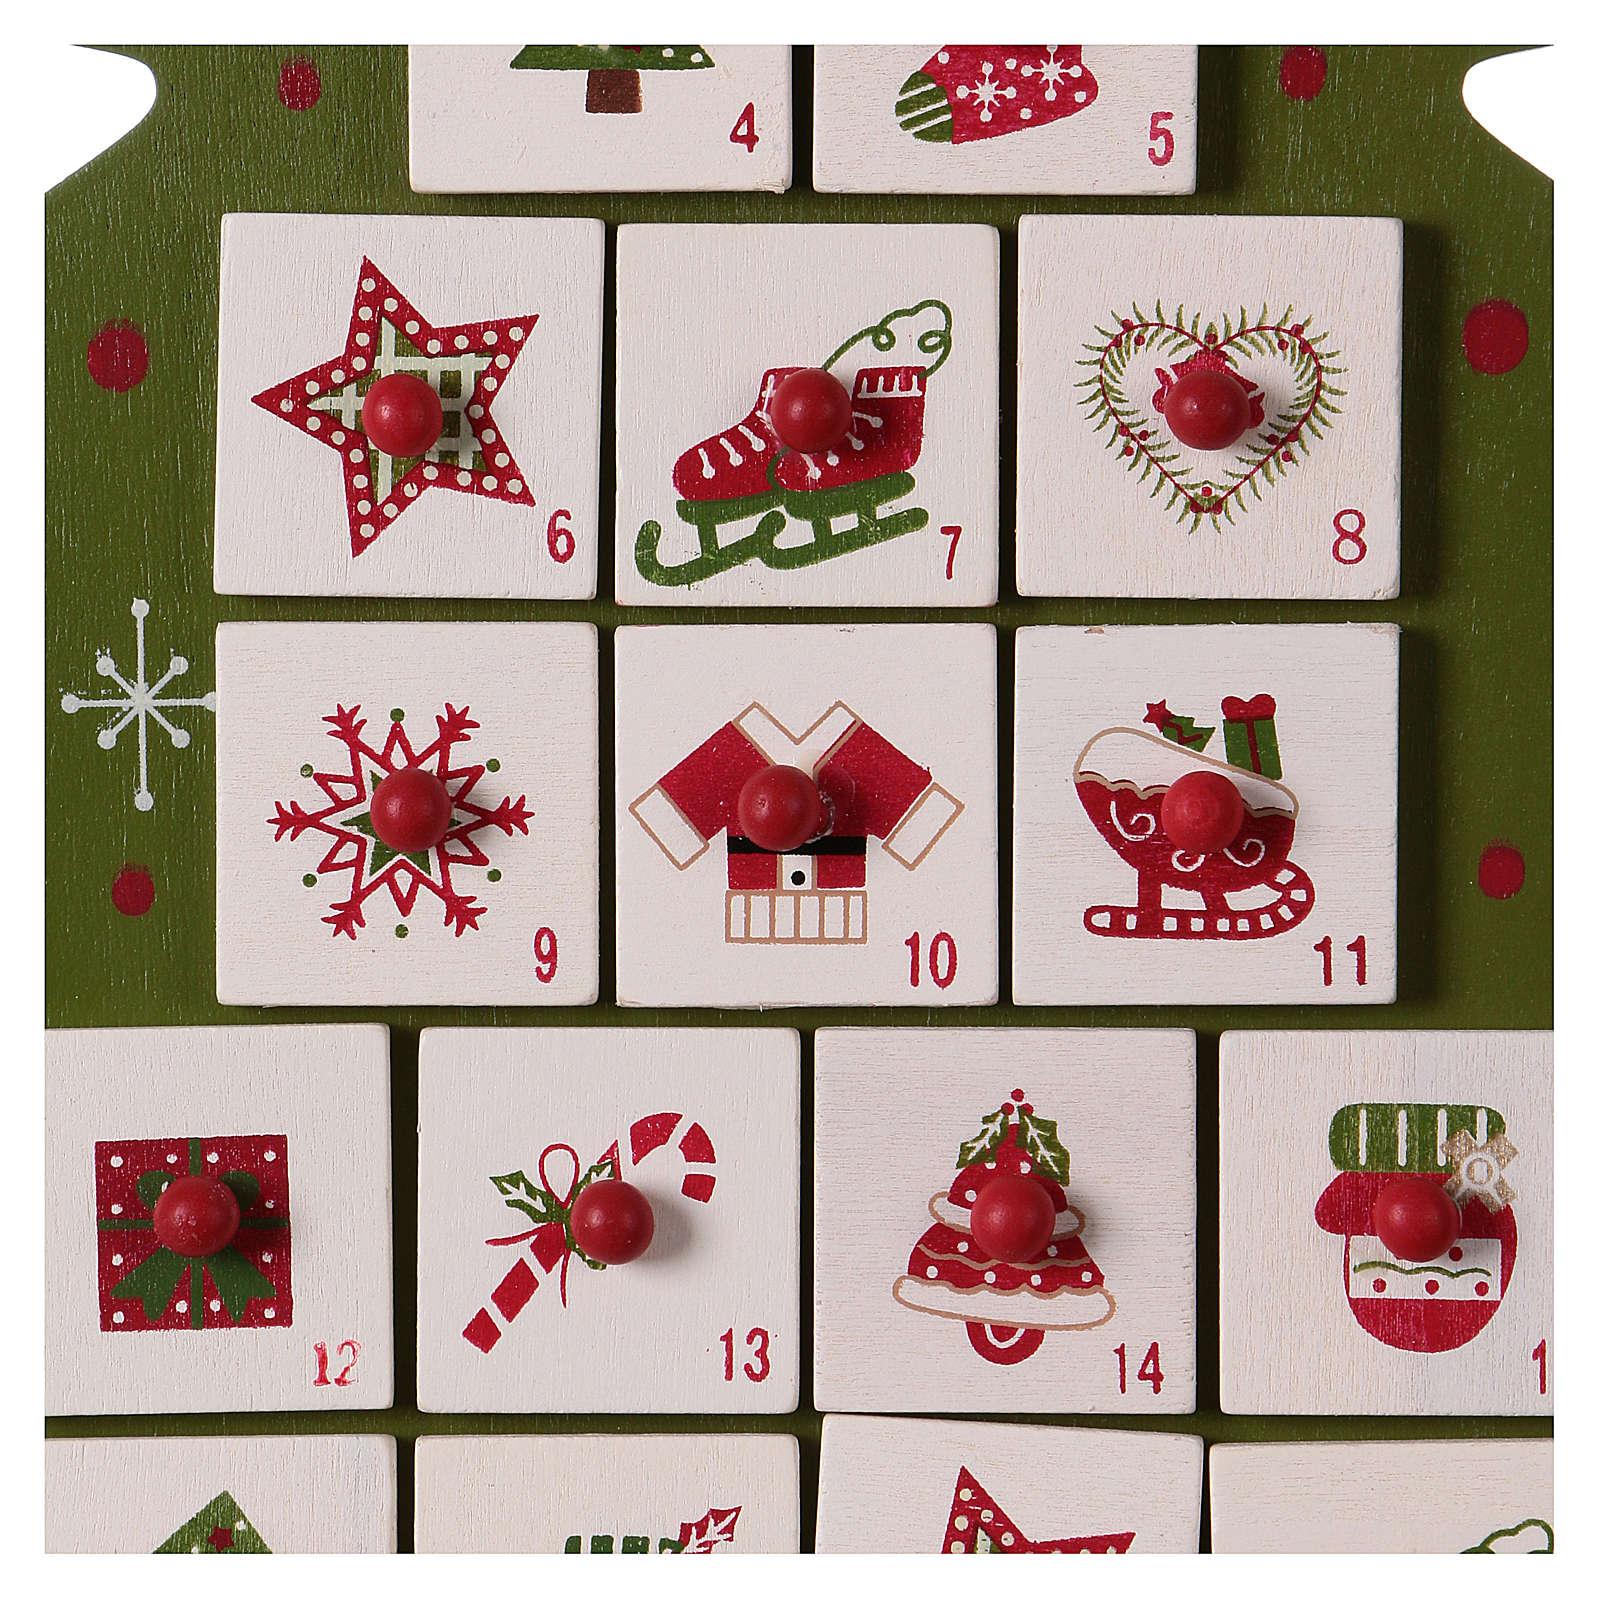 Immagini Calendario Dellavvento.Calendario Dell Avvento In Legno A Forma Di Albero Di Natale